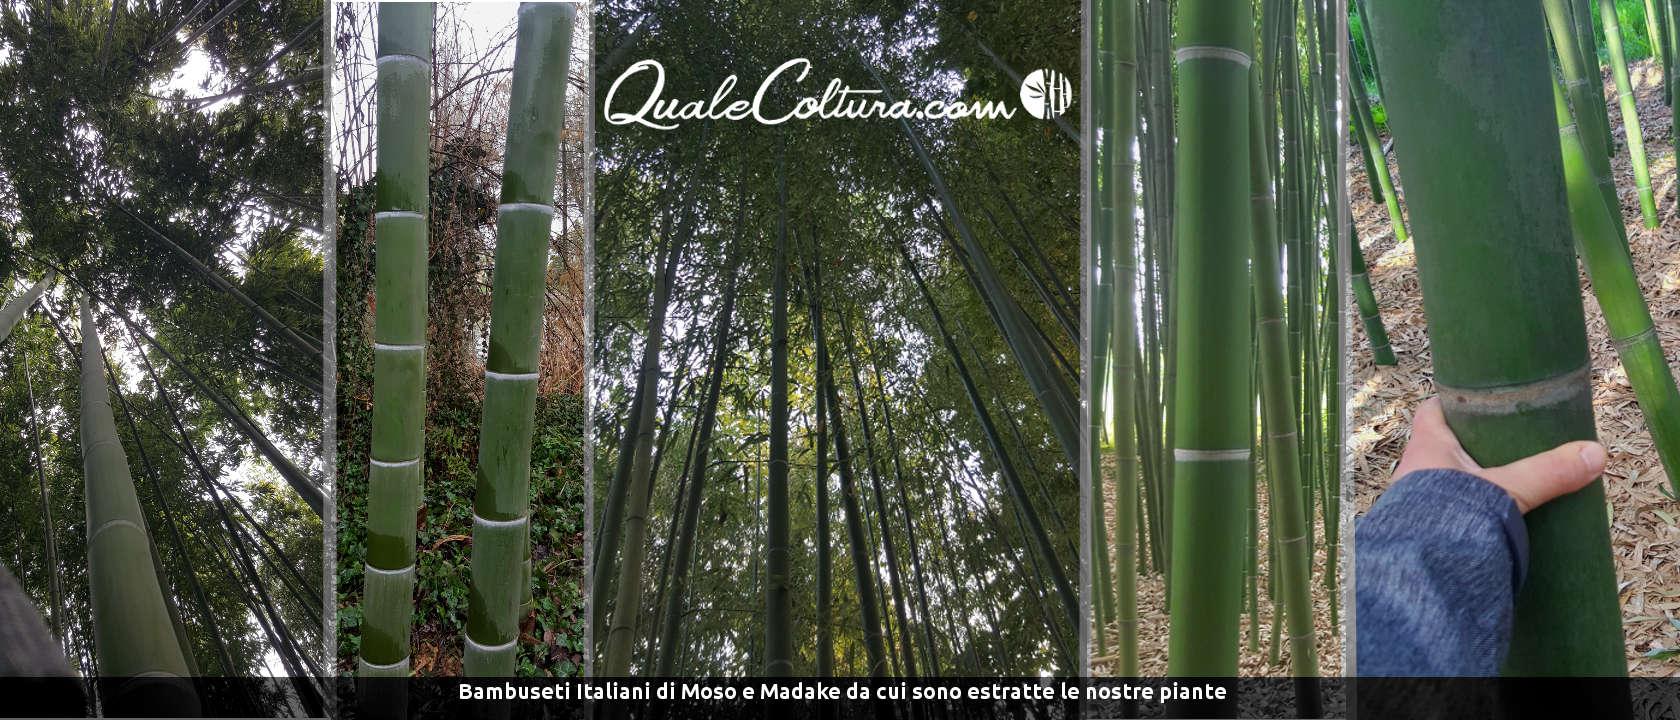 coltivazioni redditizie cosa conviene coltivare quale coltura rende di più coltivazioni remunerative coltivazioni alto guadagno Foreste di bambù gigante in Italia Bambuseti Piantagioni Moso Madake